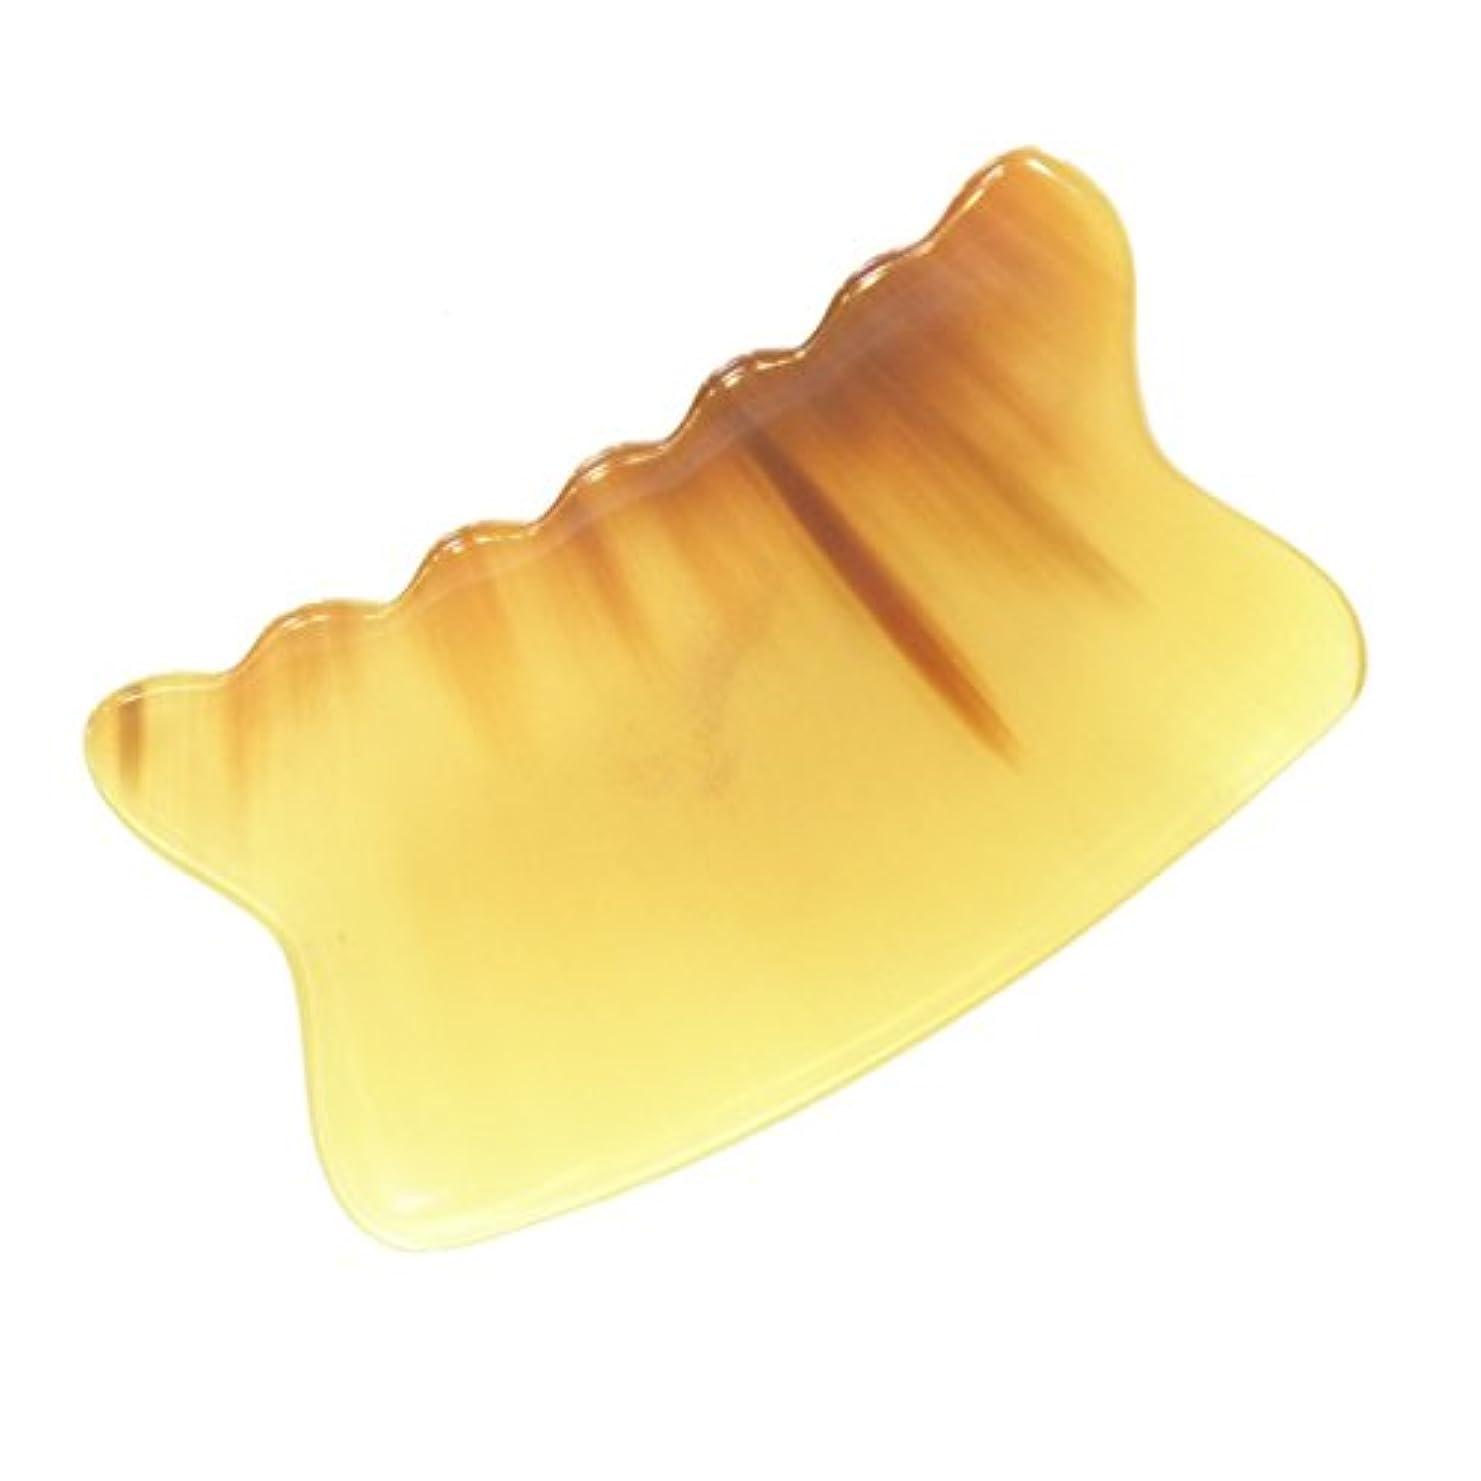 マーキー堂々たる葉っぱかっさ プレート 厚さが選べる 水牛の角(黄水牛角) EHE226SP 曲波型 特級品 標準(5ミリ程度)